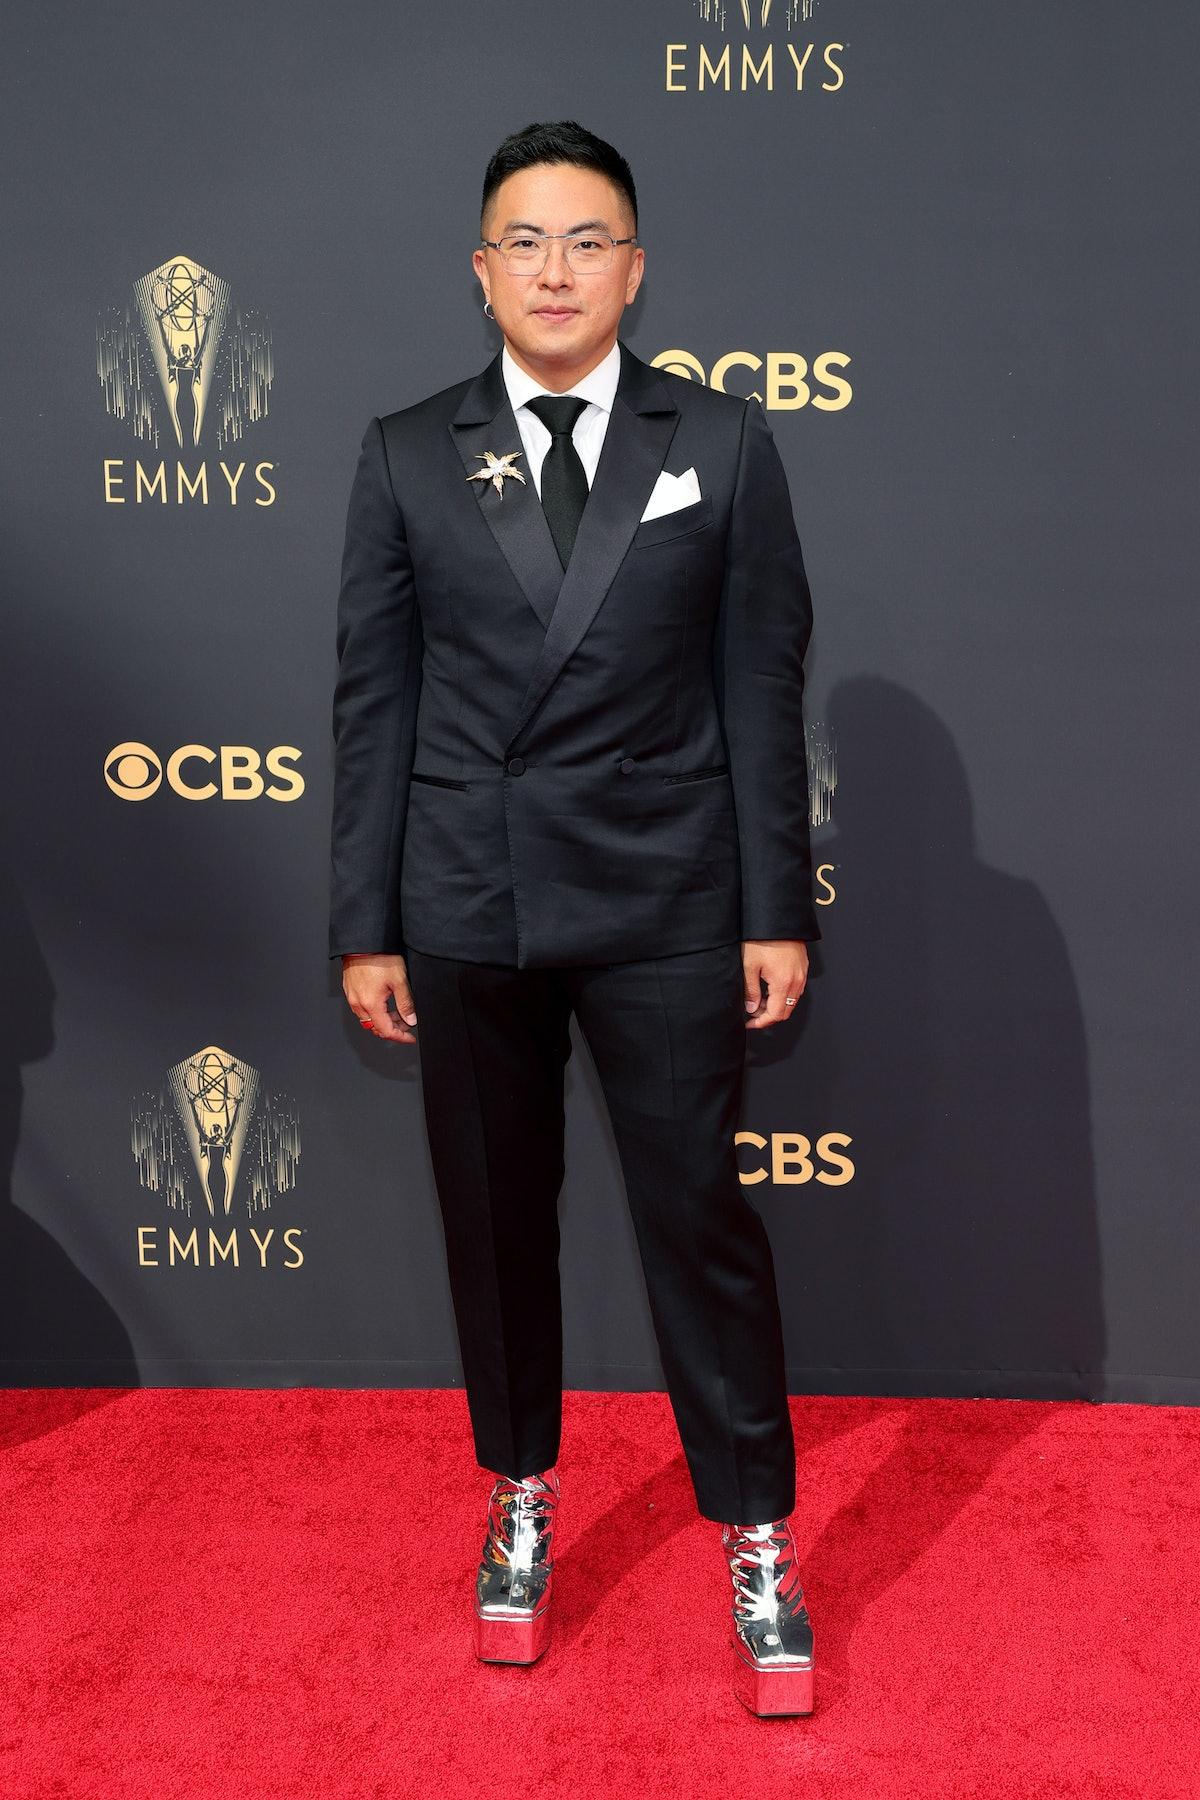 لوس آنجلس ، کالیفرنیا - 19 سپتامبر: بوئن یانگ در هفتاد و سومین دوره مراسم اهدای جایزه امی در LA LI شرکت کرد ...